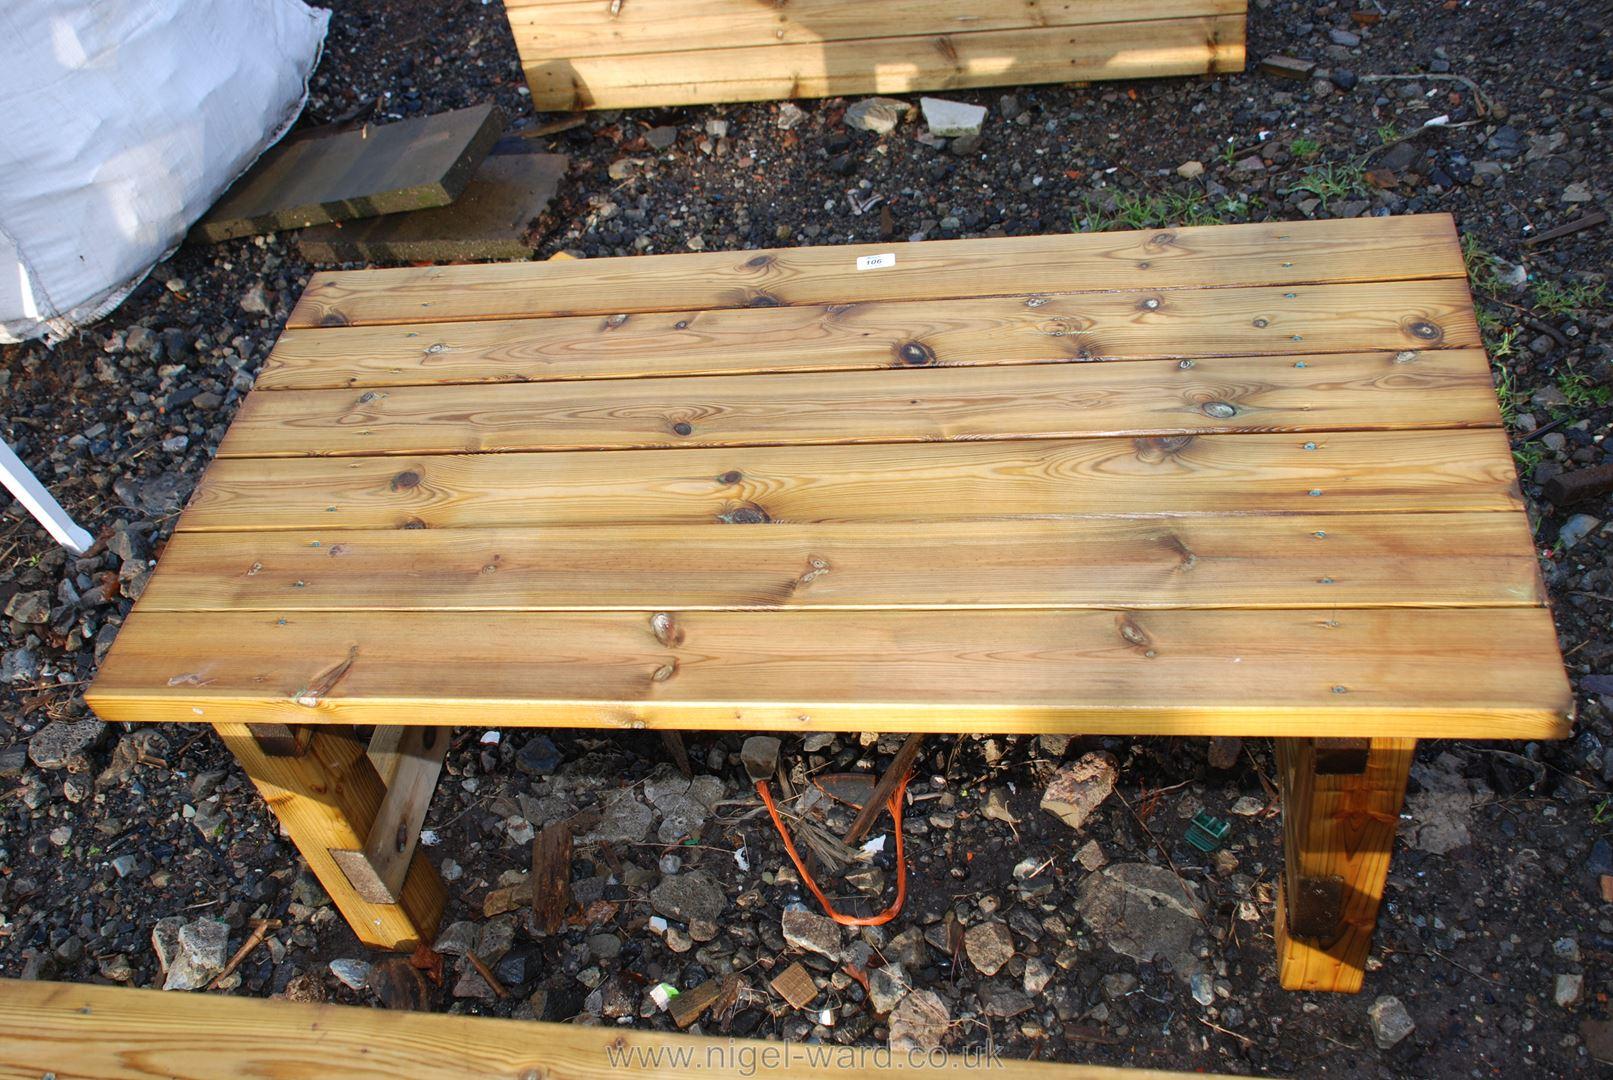 Wooden garden table 46 1/2'' x 23 1/4'' x 17''.